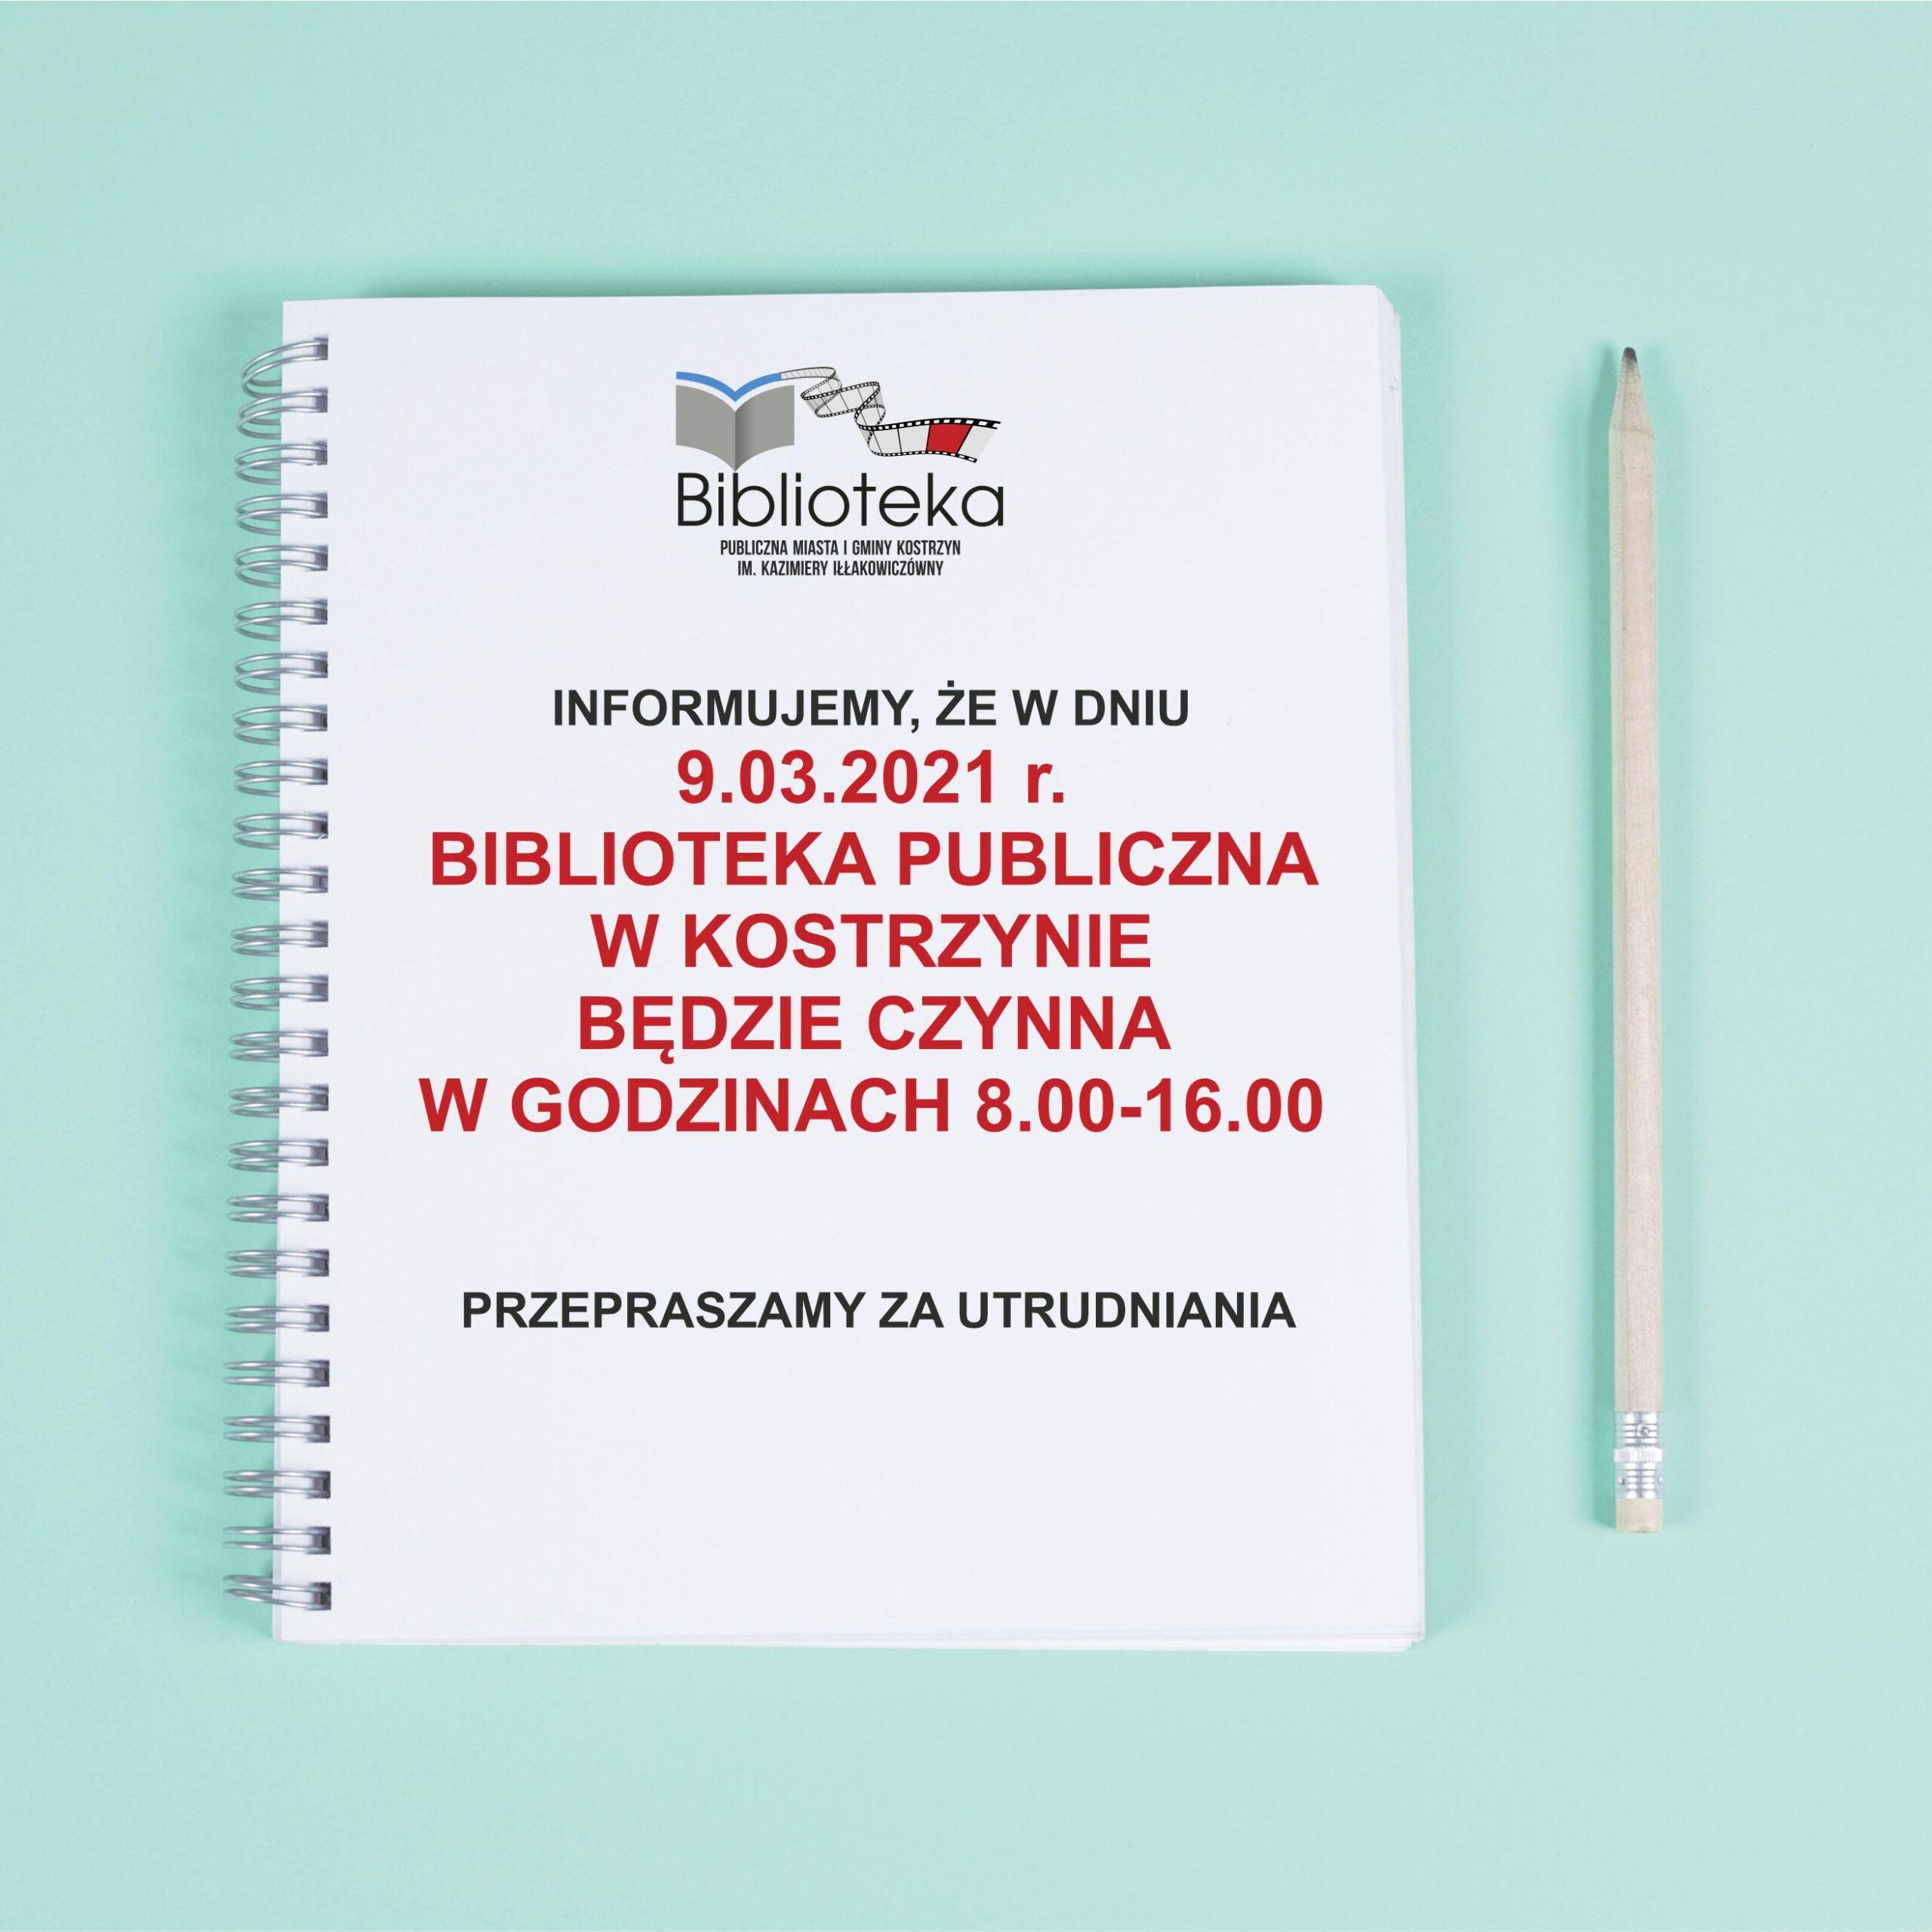 kartka z notatnika na pistacjowym tle, a na niej informacja, że biblioteka 9 marca pracuje w godzinach 8-16